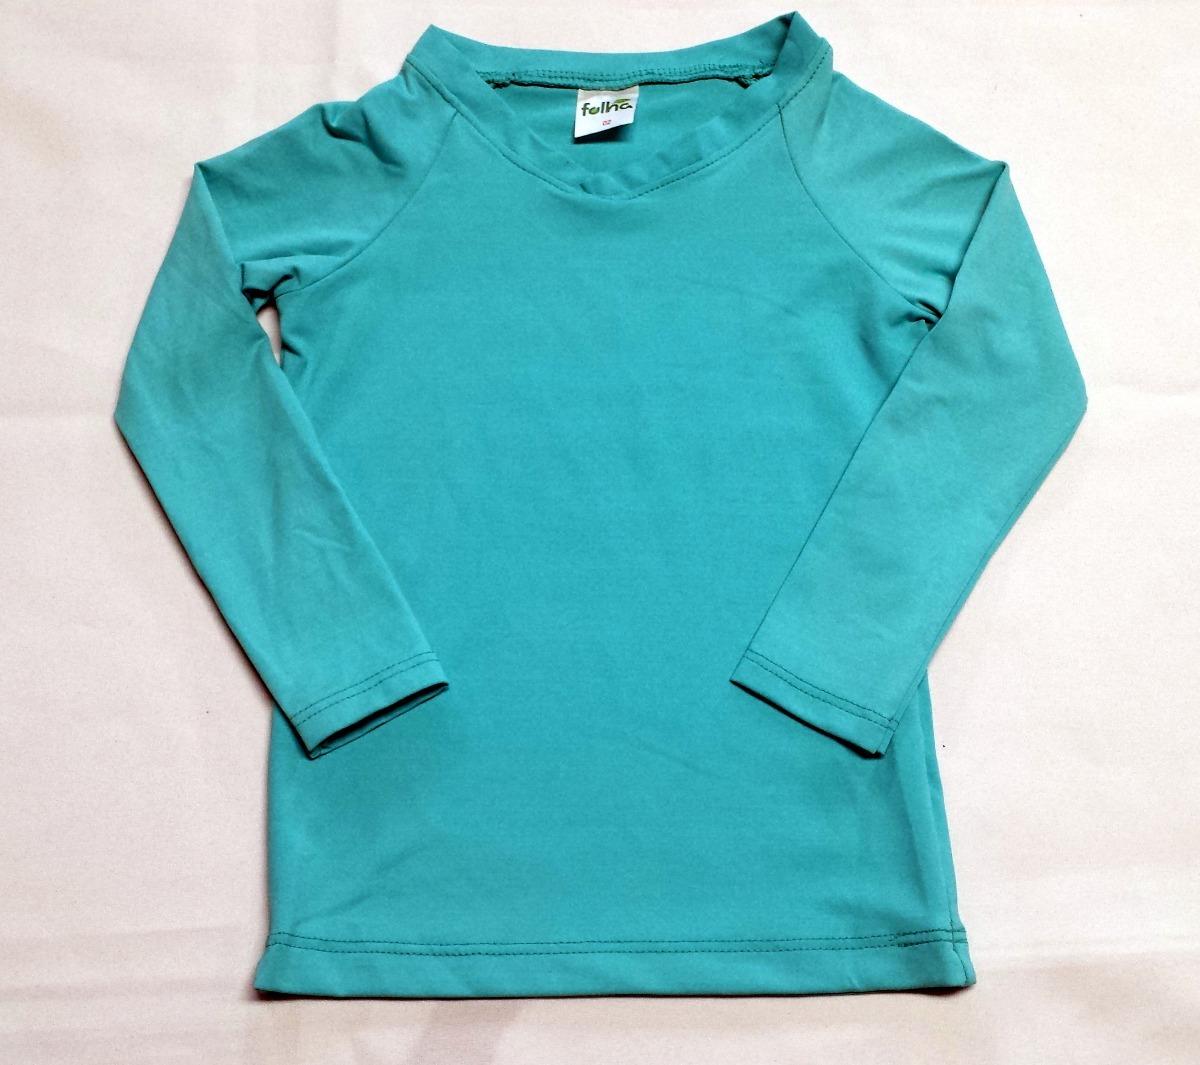 camiseta infantil proteção solar folha by hering - cód. 2625. Carregando  zoom. 774e2969f80